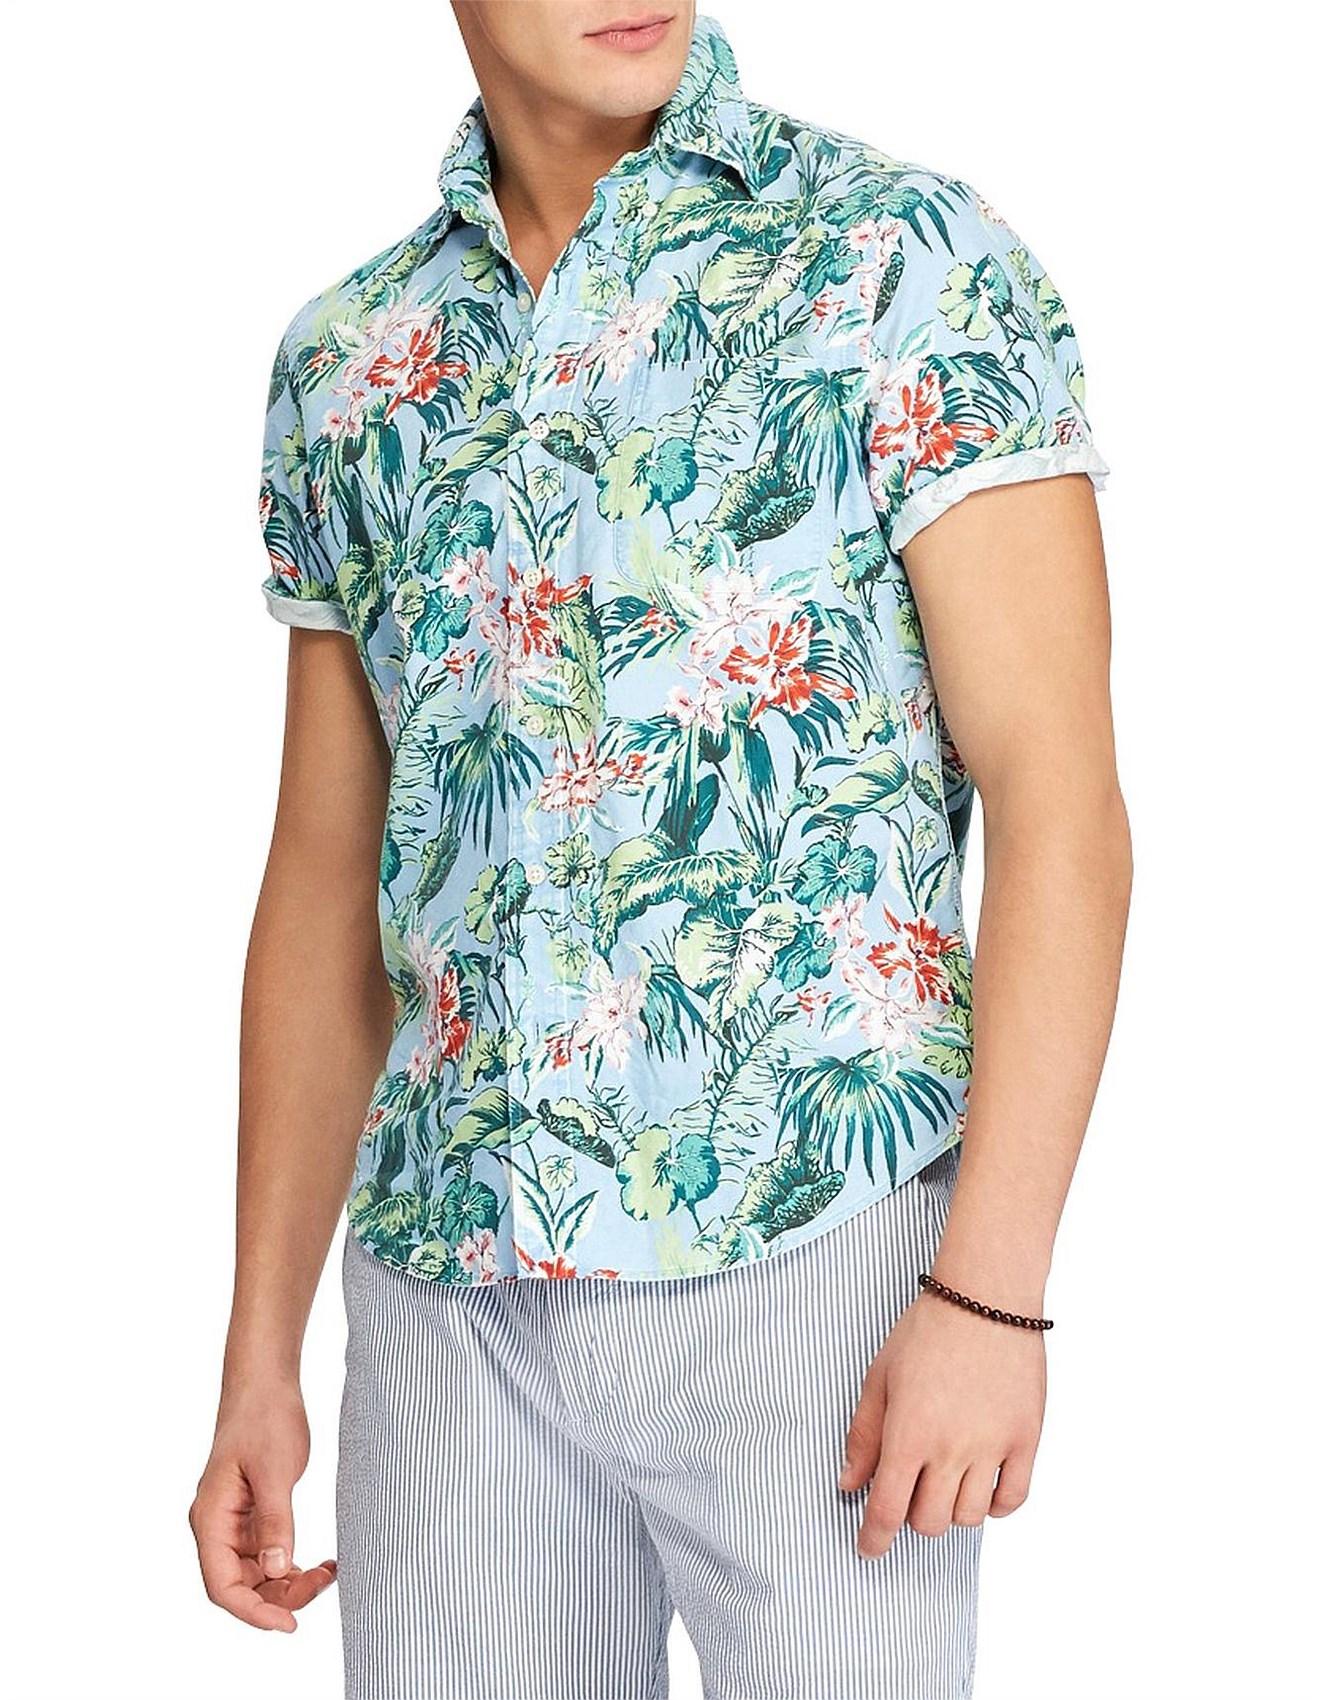 b7c5eec4 Polo Ralph Lauren | Buy Polo Ralph Lauren Online | David Jones - Men's Classic  Fit Hawaiian Shirt